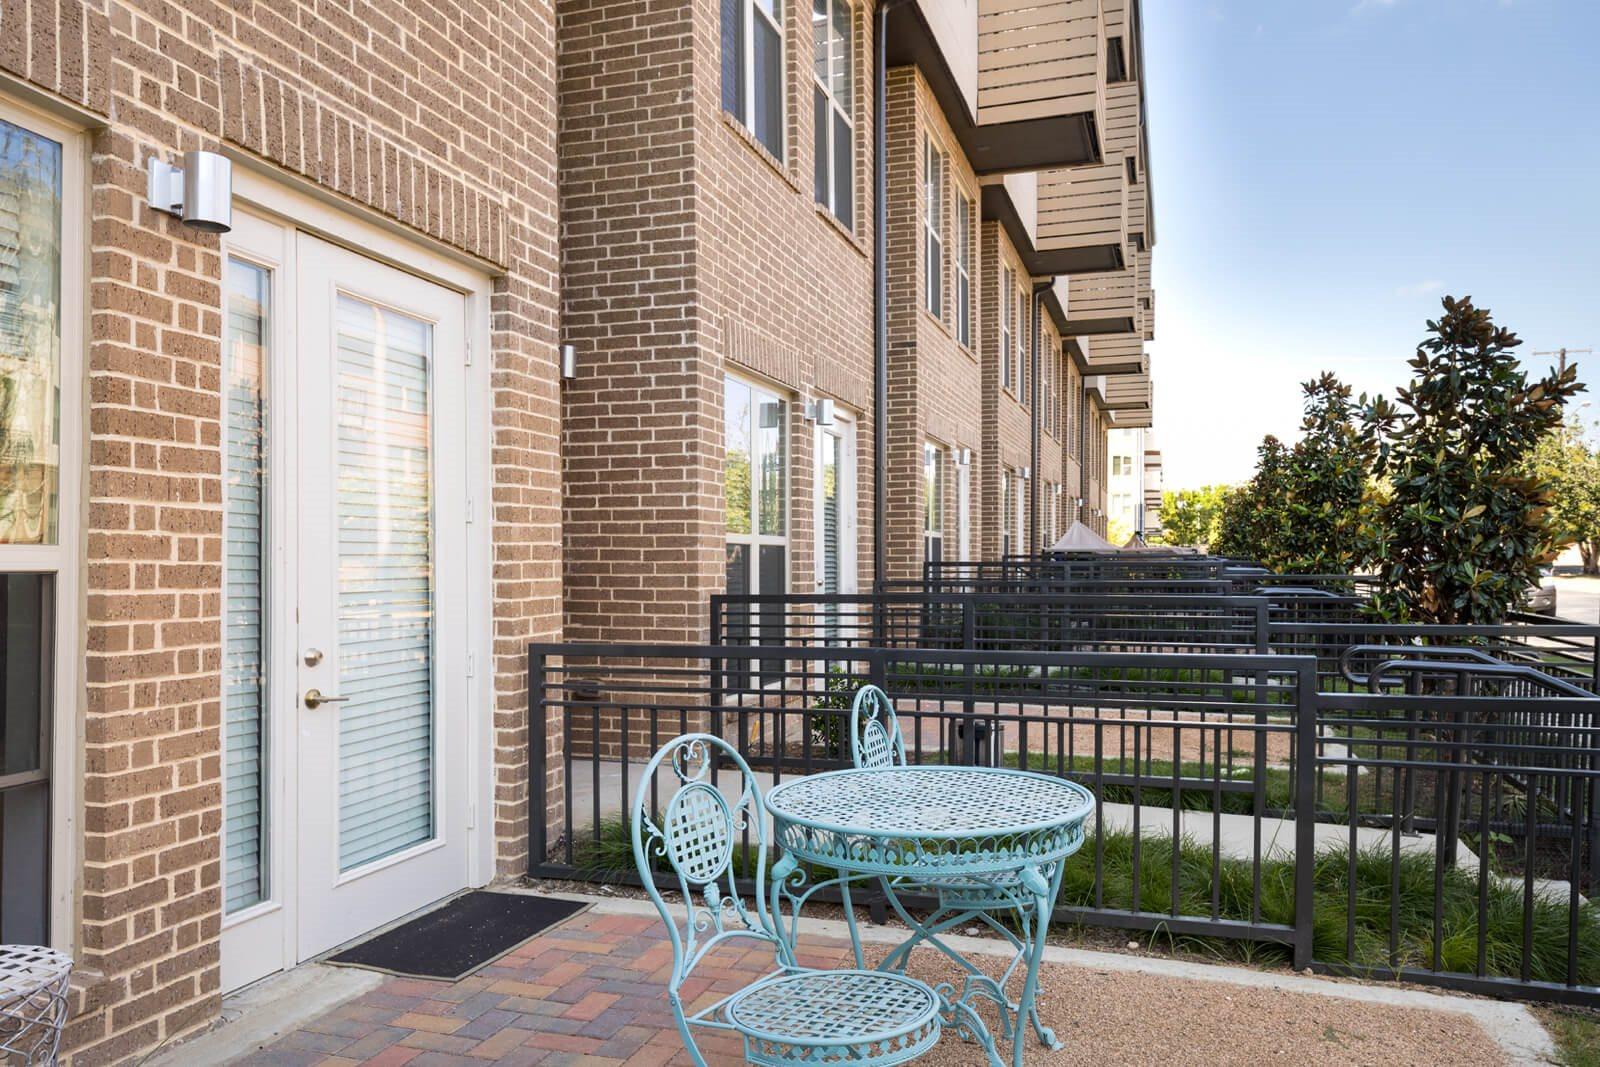 dallas love field apartments